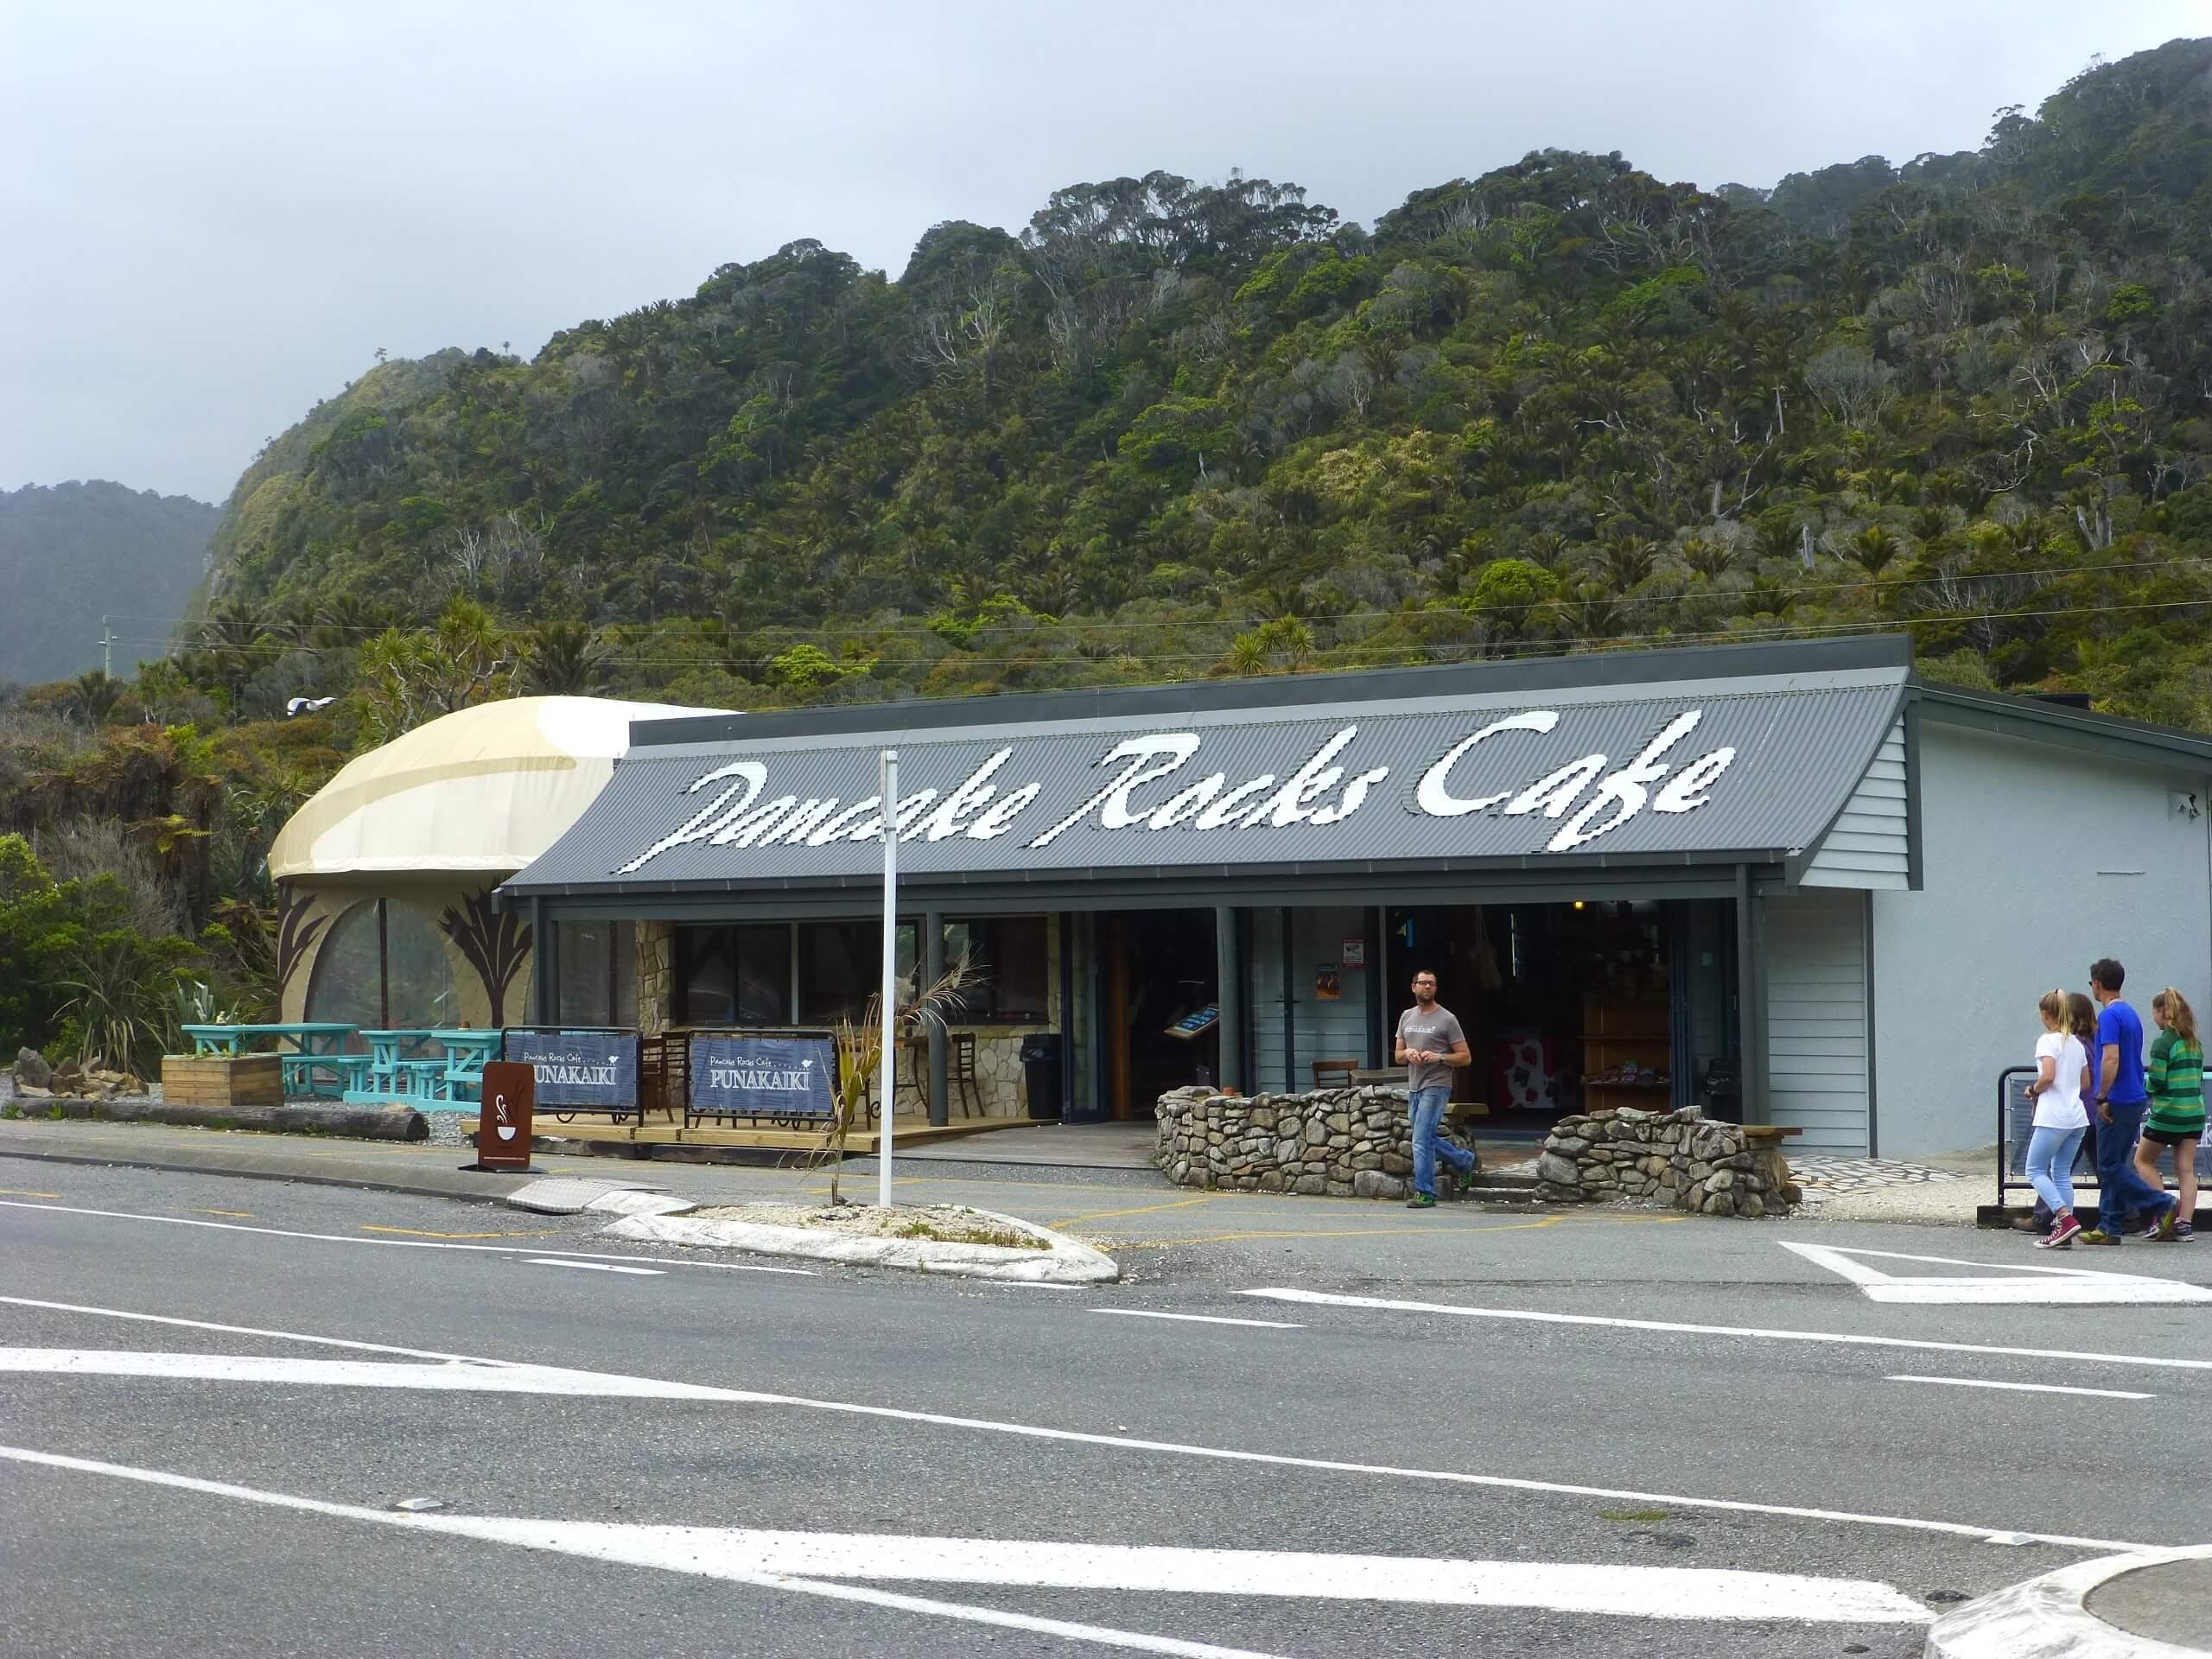 Neuseeland, Pancake Rocks Cafe 2